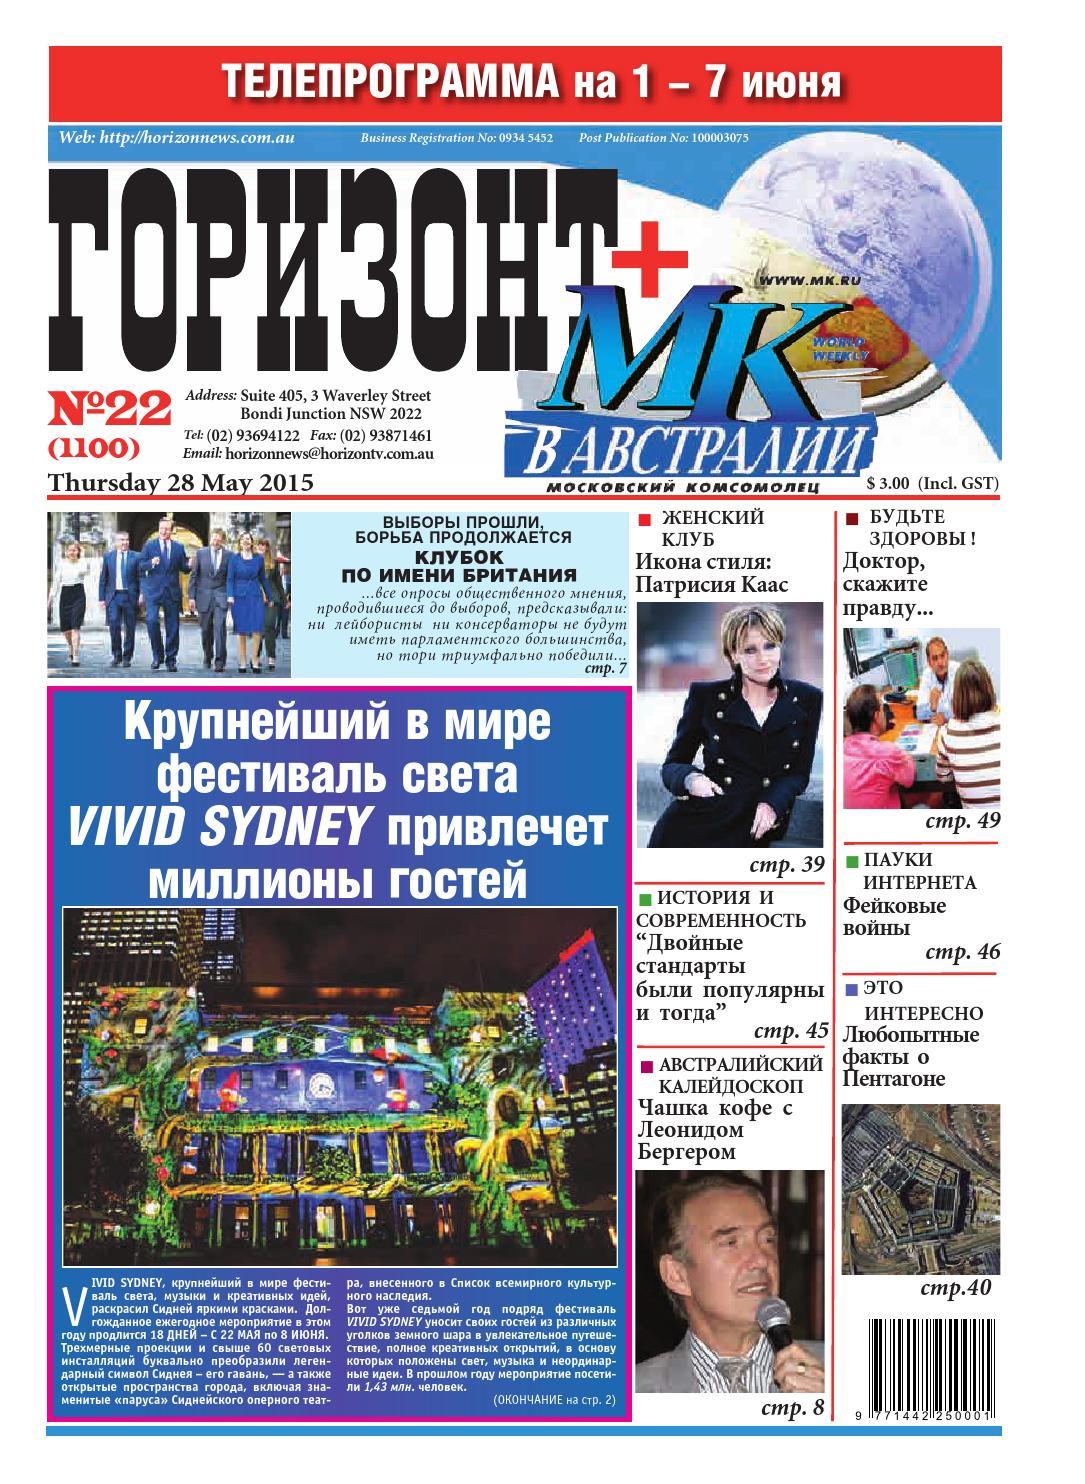 dosug-cheboksari-zaklyuchennuyu-svyazali-polotentsami-zatknuli-rot-devushki